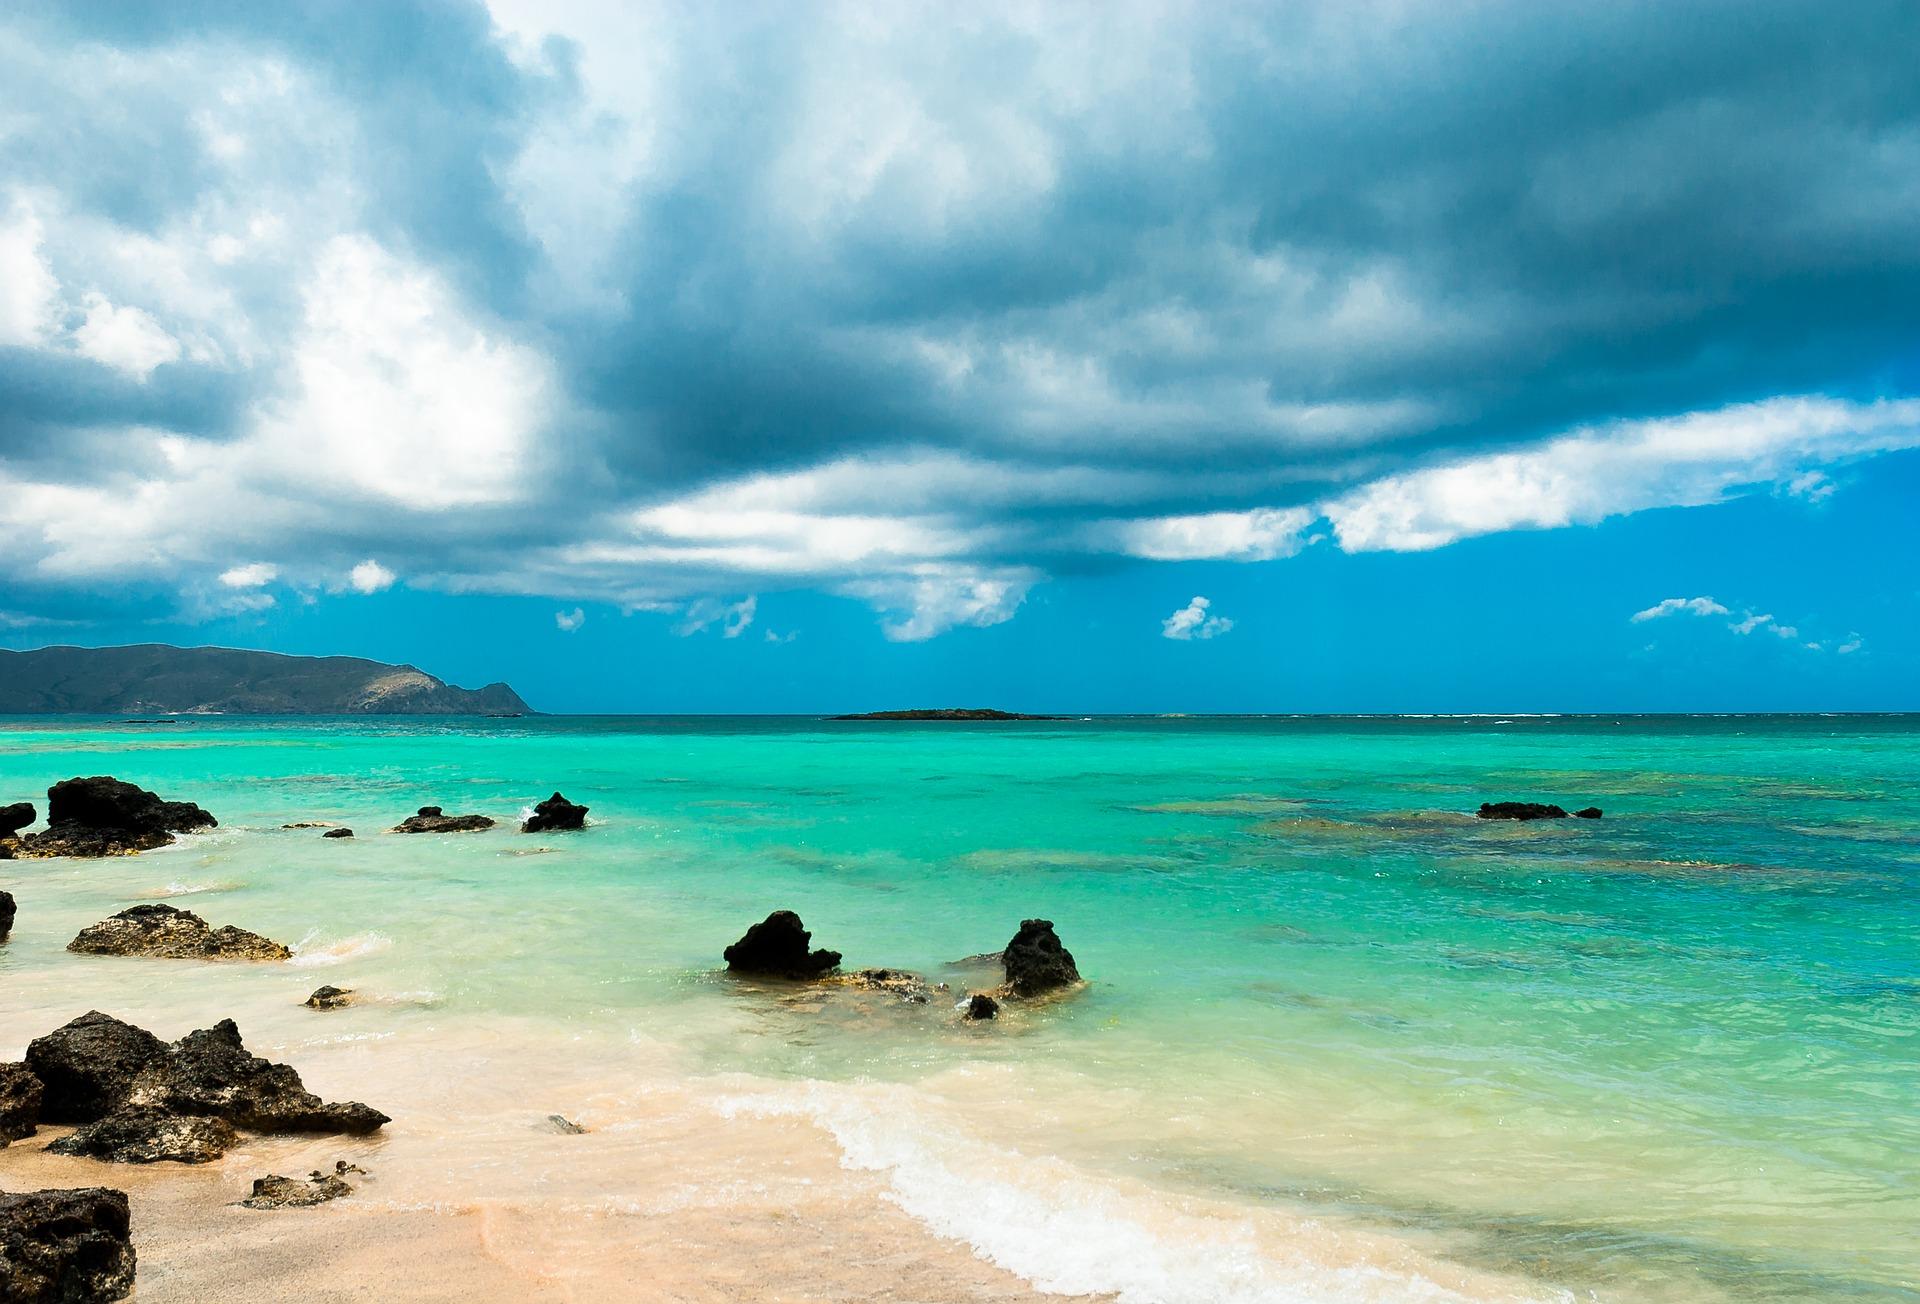 krit, grcka, ostrvo, pesak, more, sunce,